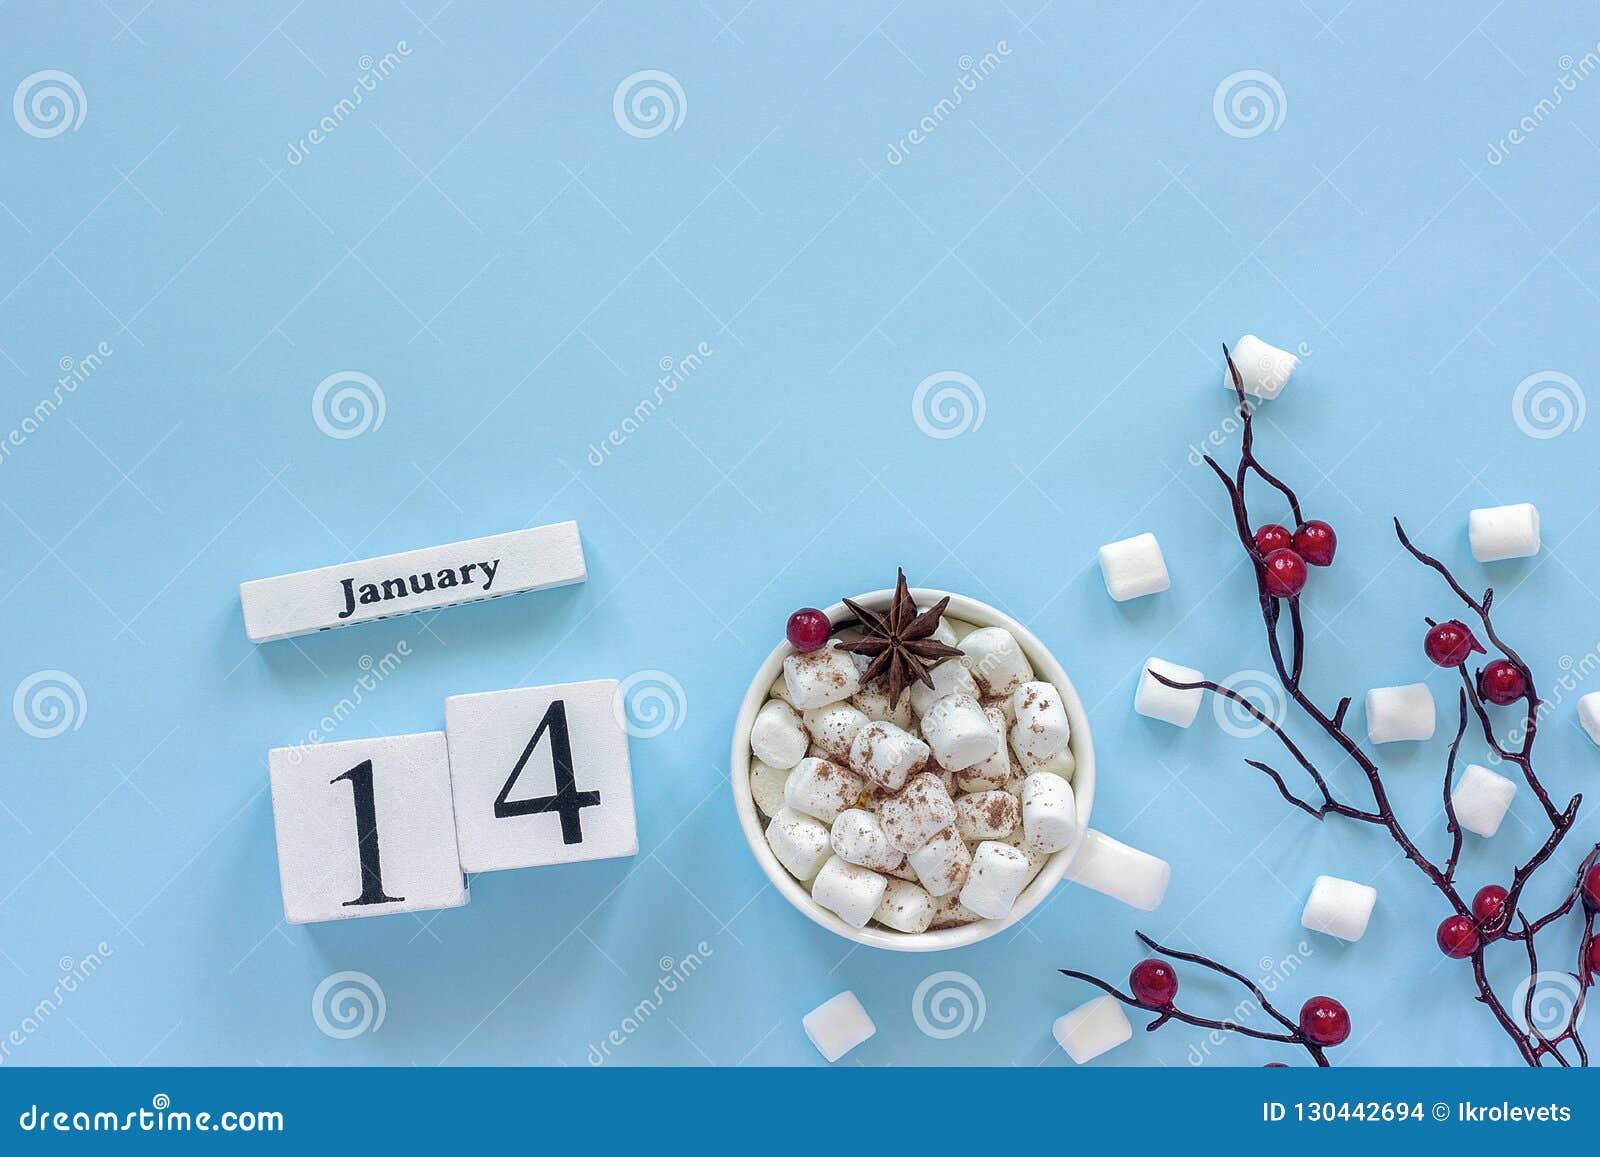 Tragen Sie am 14. Januar Schale Kakao, Eibische und Niederlassungsbeeren ein